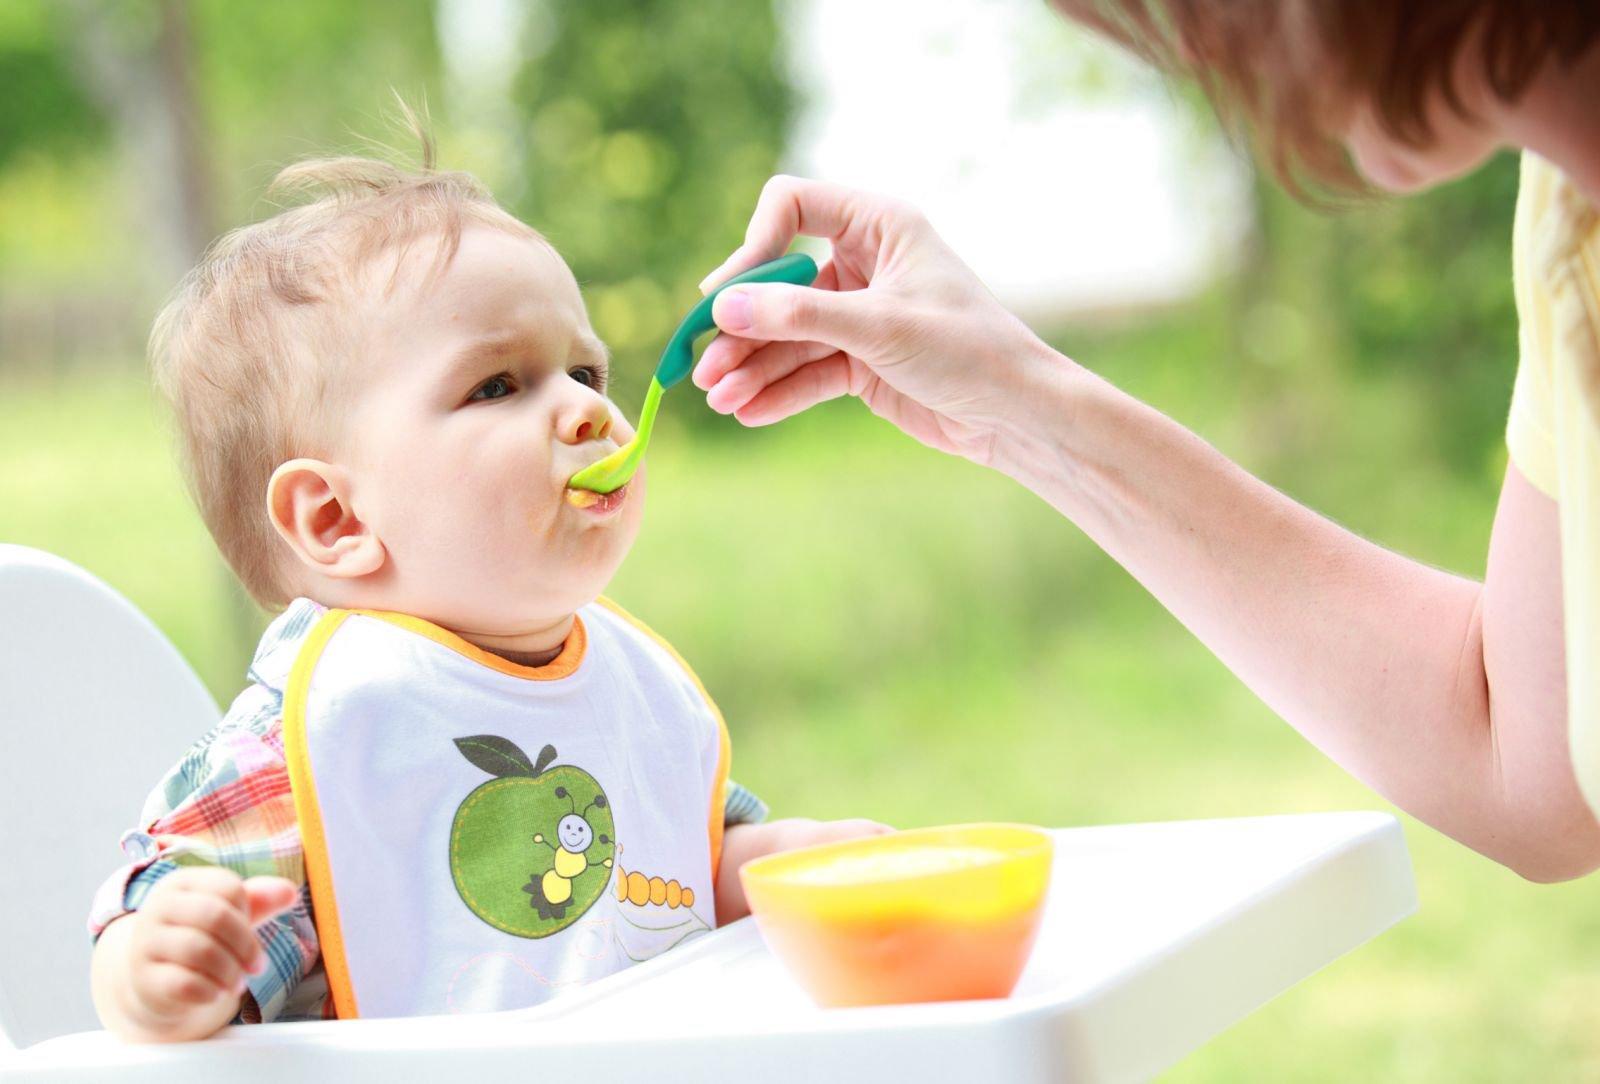 dinh dưỡng cho trẻ bị ho